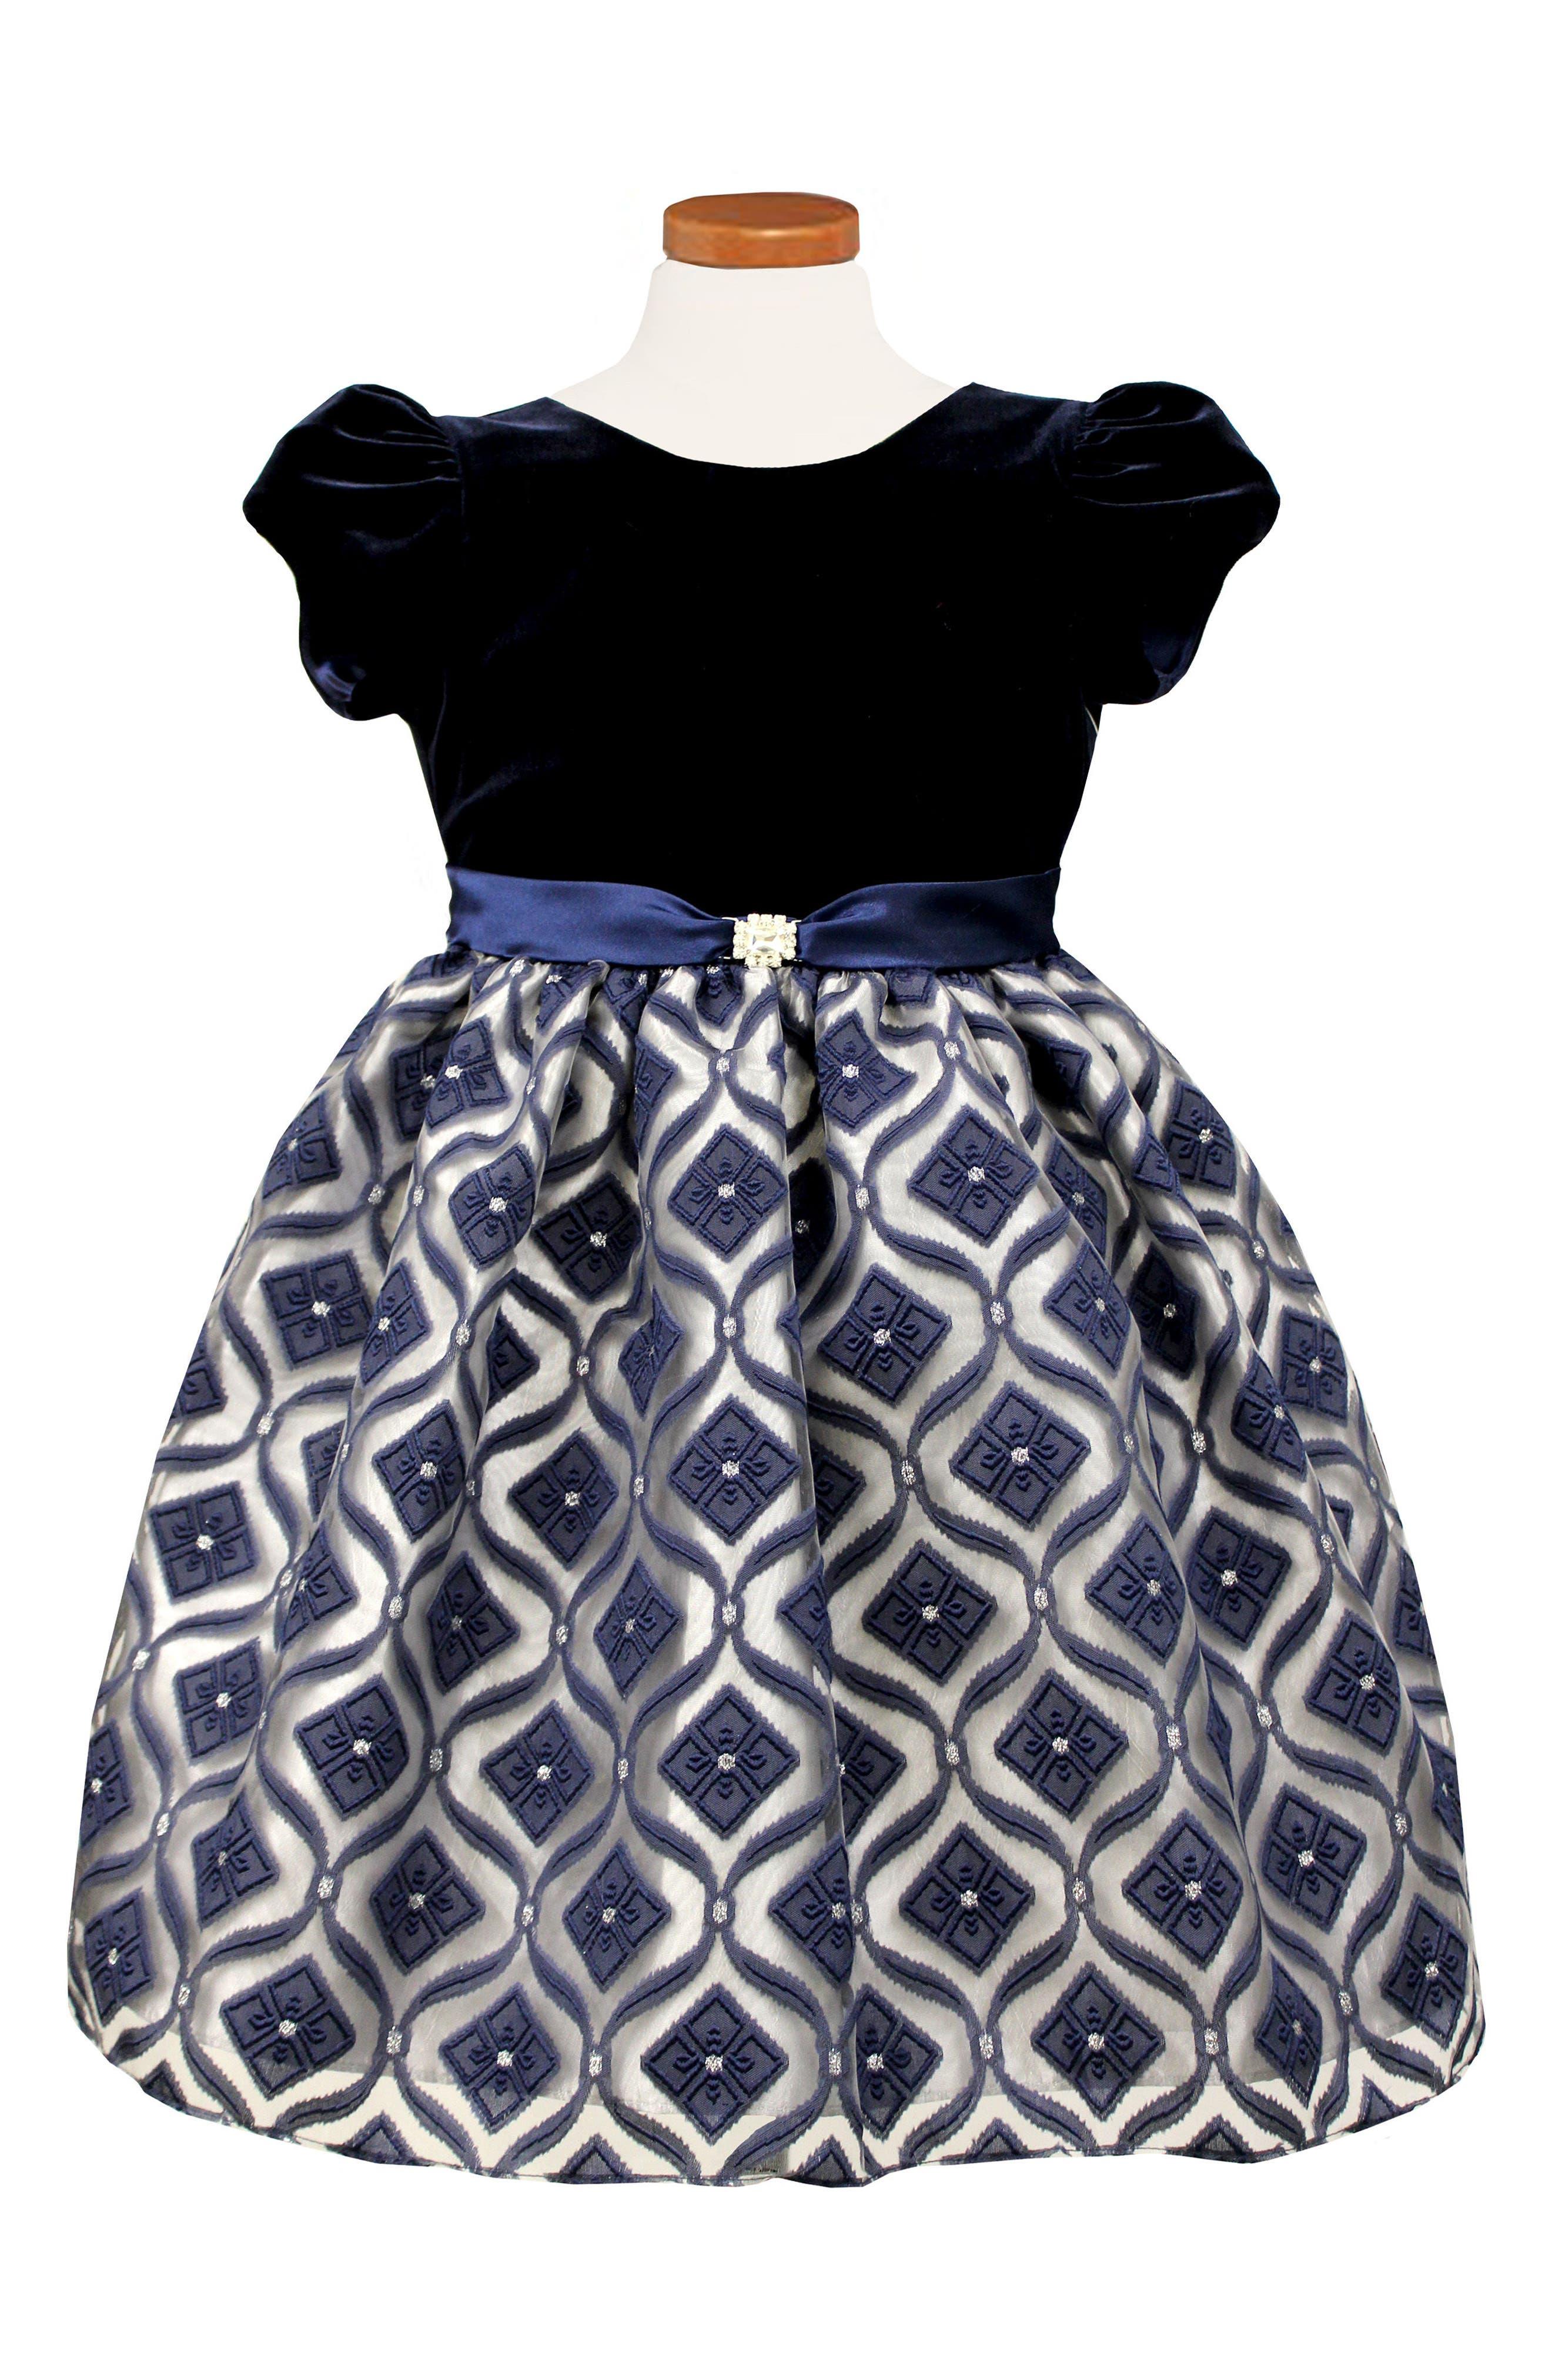 Alternate Image 1 Selected - Sorbet Diamond Burnout Dress (Toddler Girls & Little Girls)